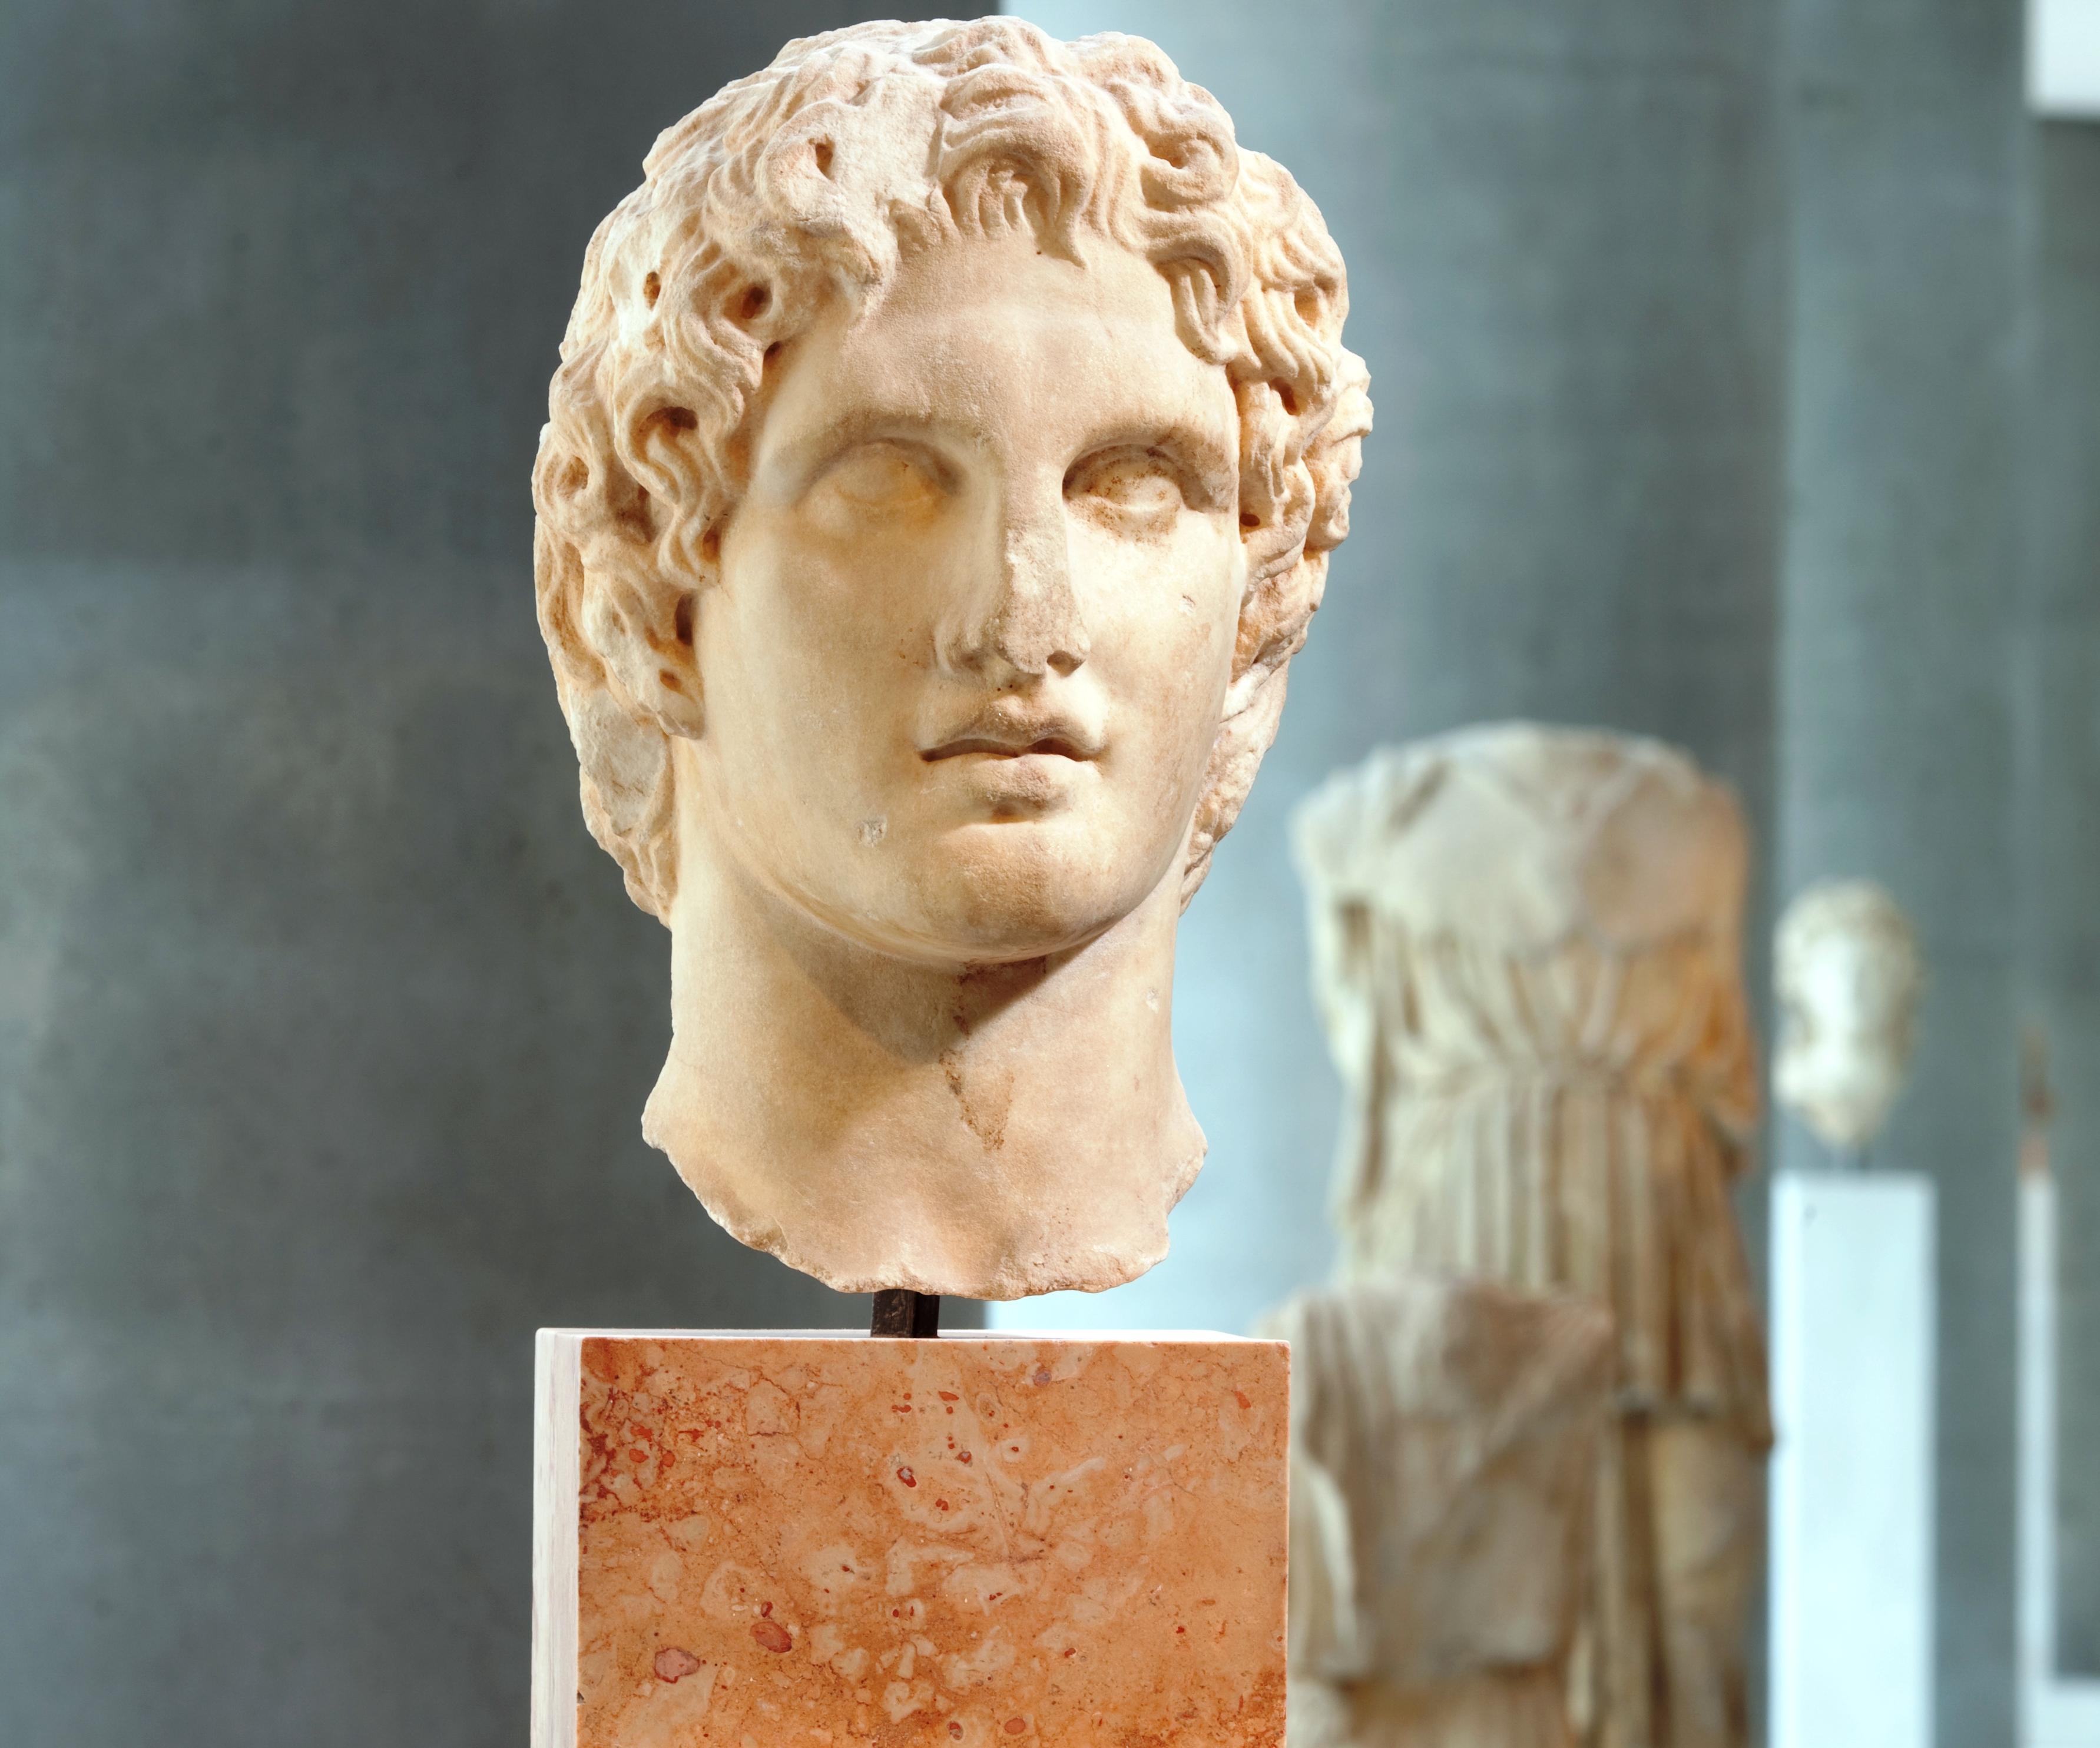 Ο Μέγας Αλέξανδρος της Ακρόπολης. Ένα από τα ωραιότερα σωζόμενα γλυπτά του στρατηλάτη μετά την επίσκεψή του στην Αθήνα. Οι άλλοι Αλέξανδροι στα μουσεία όλου του κόσμου που διεκδικούν τα πρωτεία